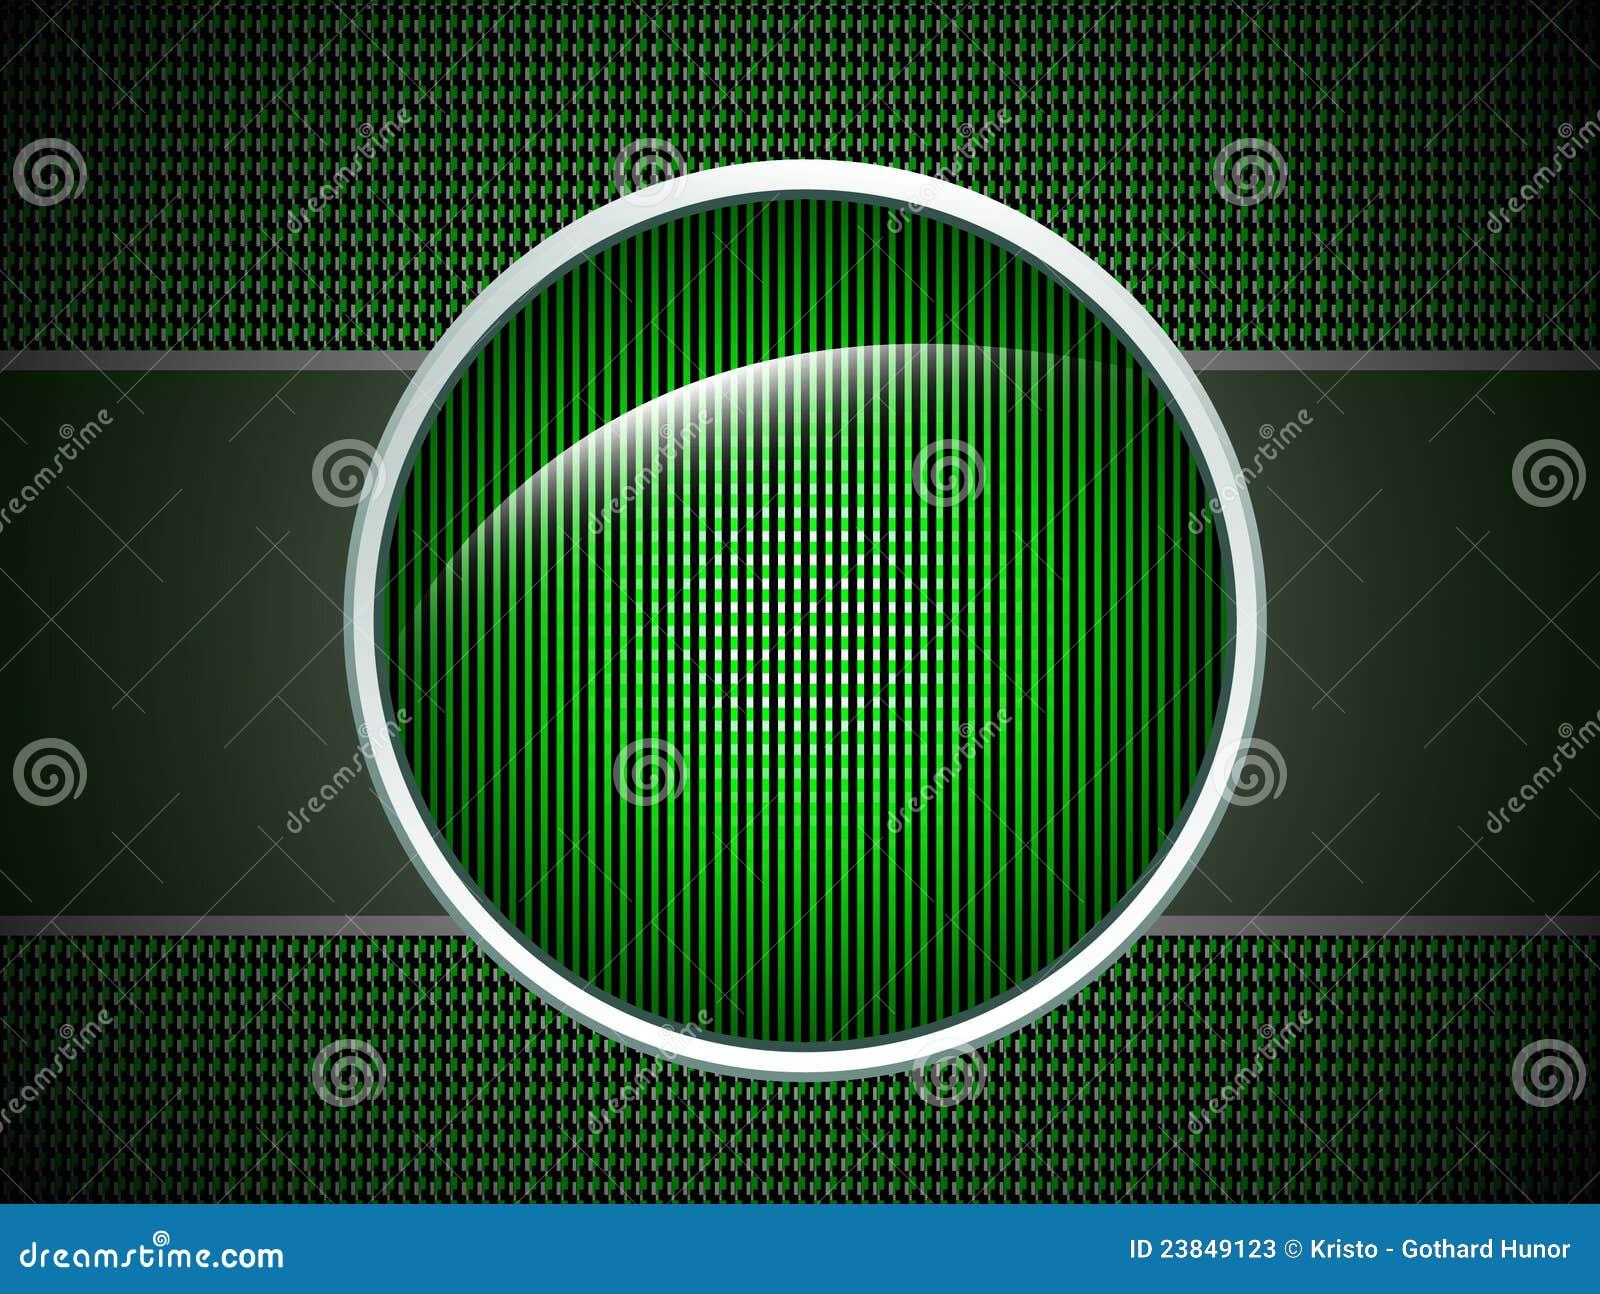 Green button stock photos image 23849123 - Green button ...